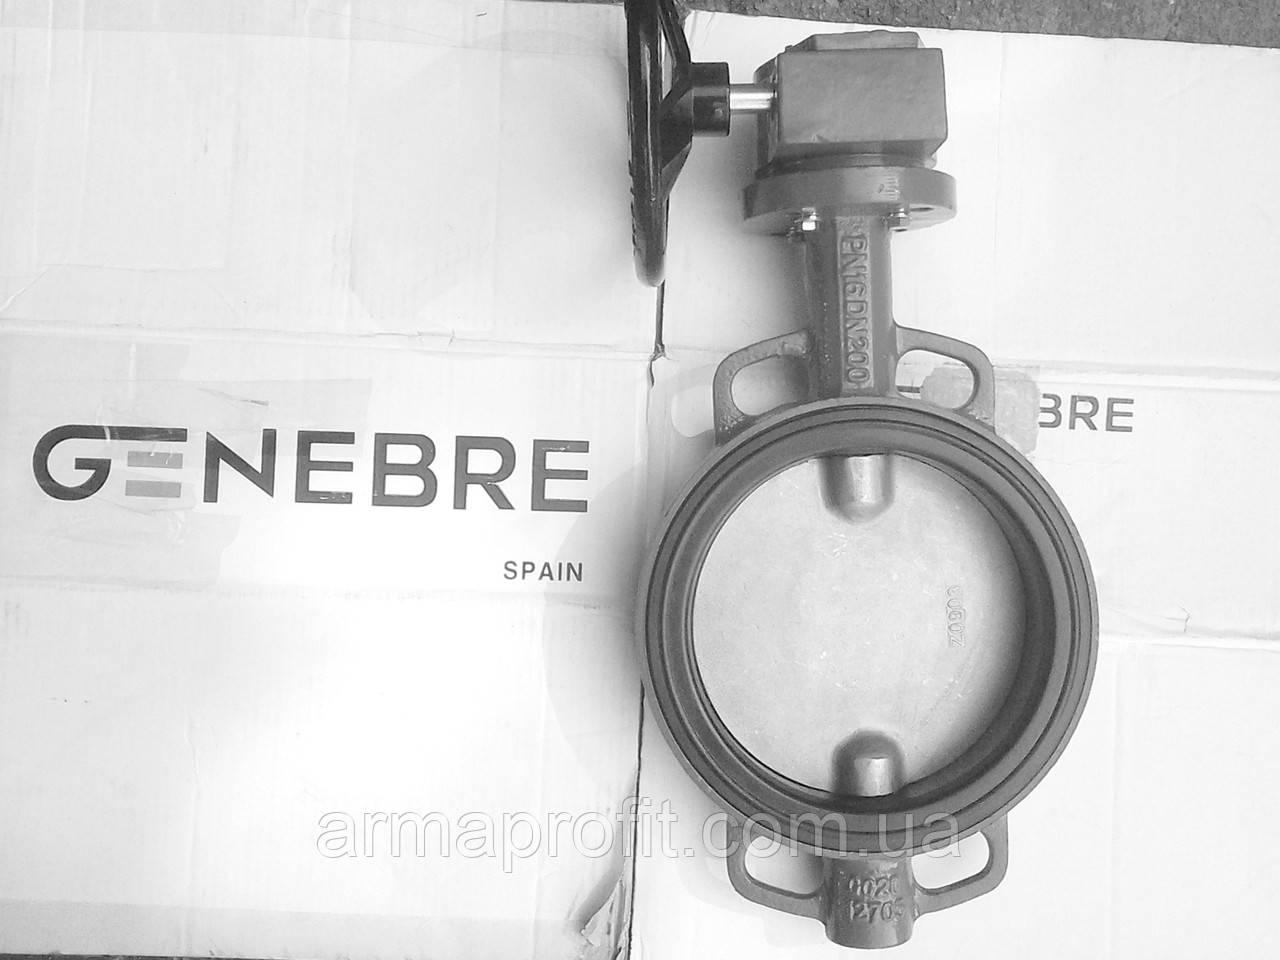 Затвор поворотный Баттерфляй GENEBRE тип 2109 Ду400 Ру10 диск нержавеющая сталь (с редуктором )